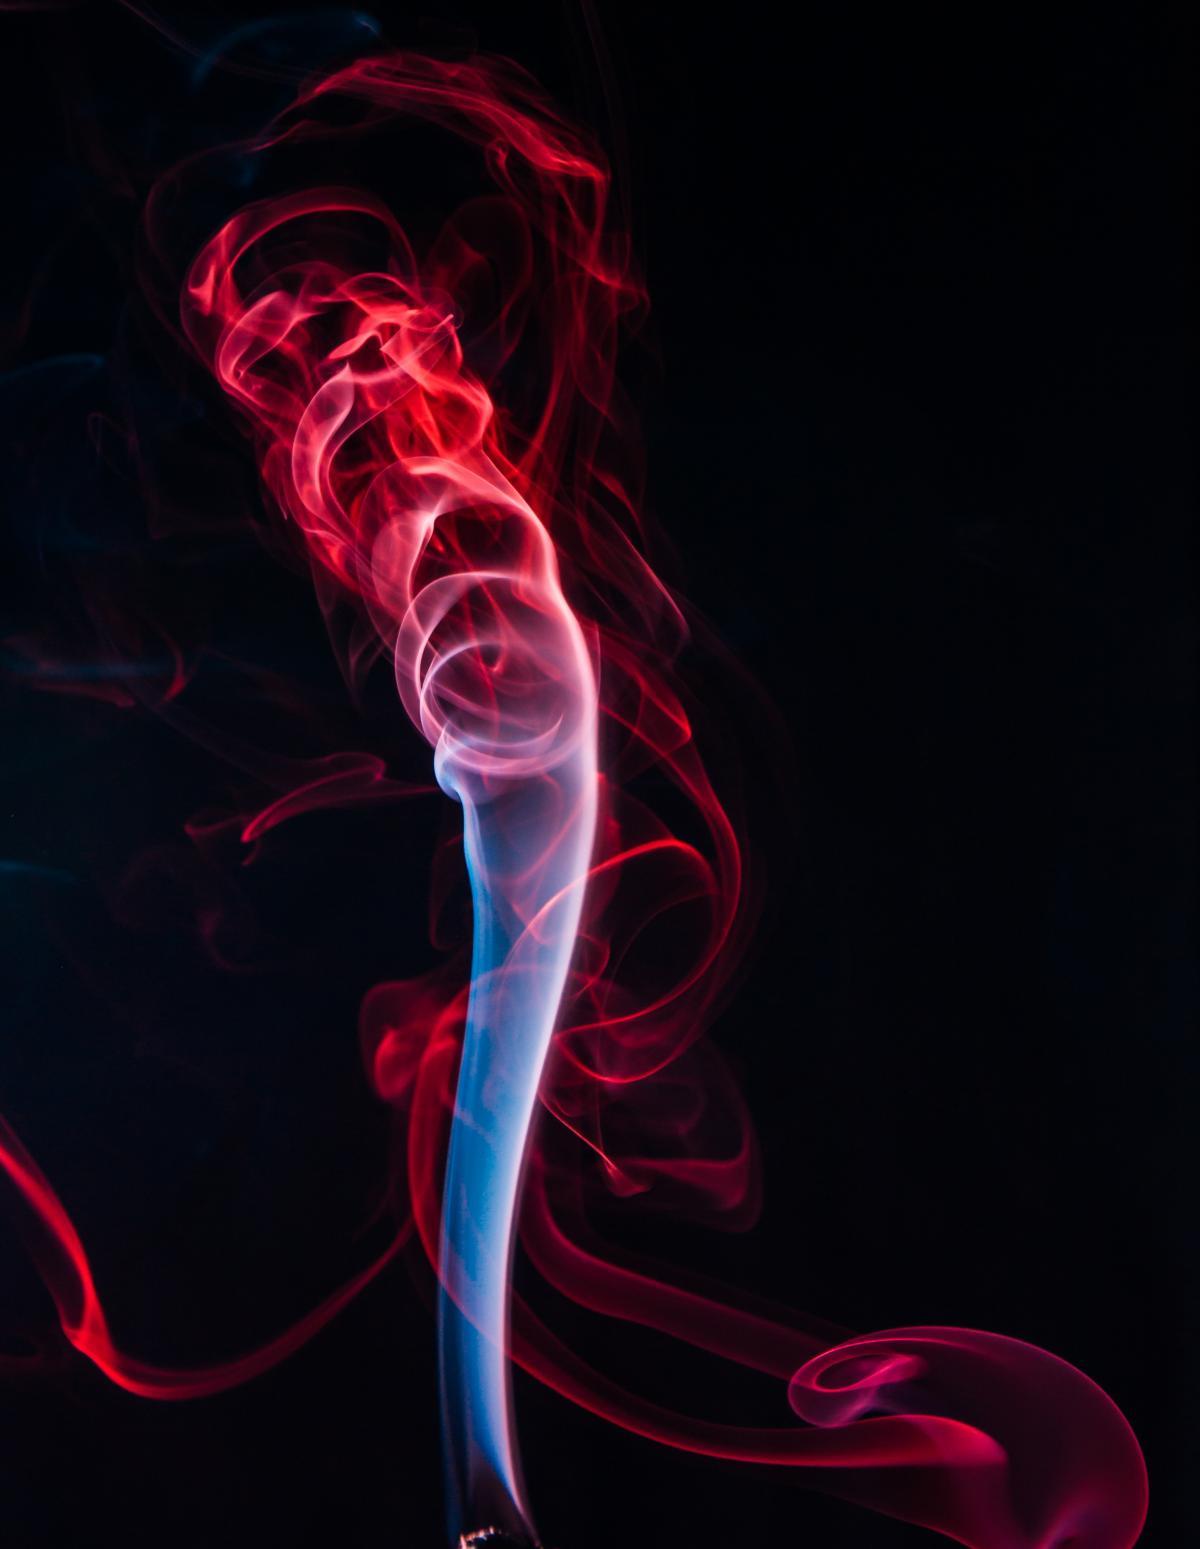 Red Smoke Illustration